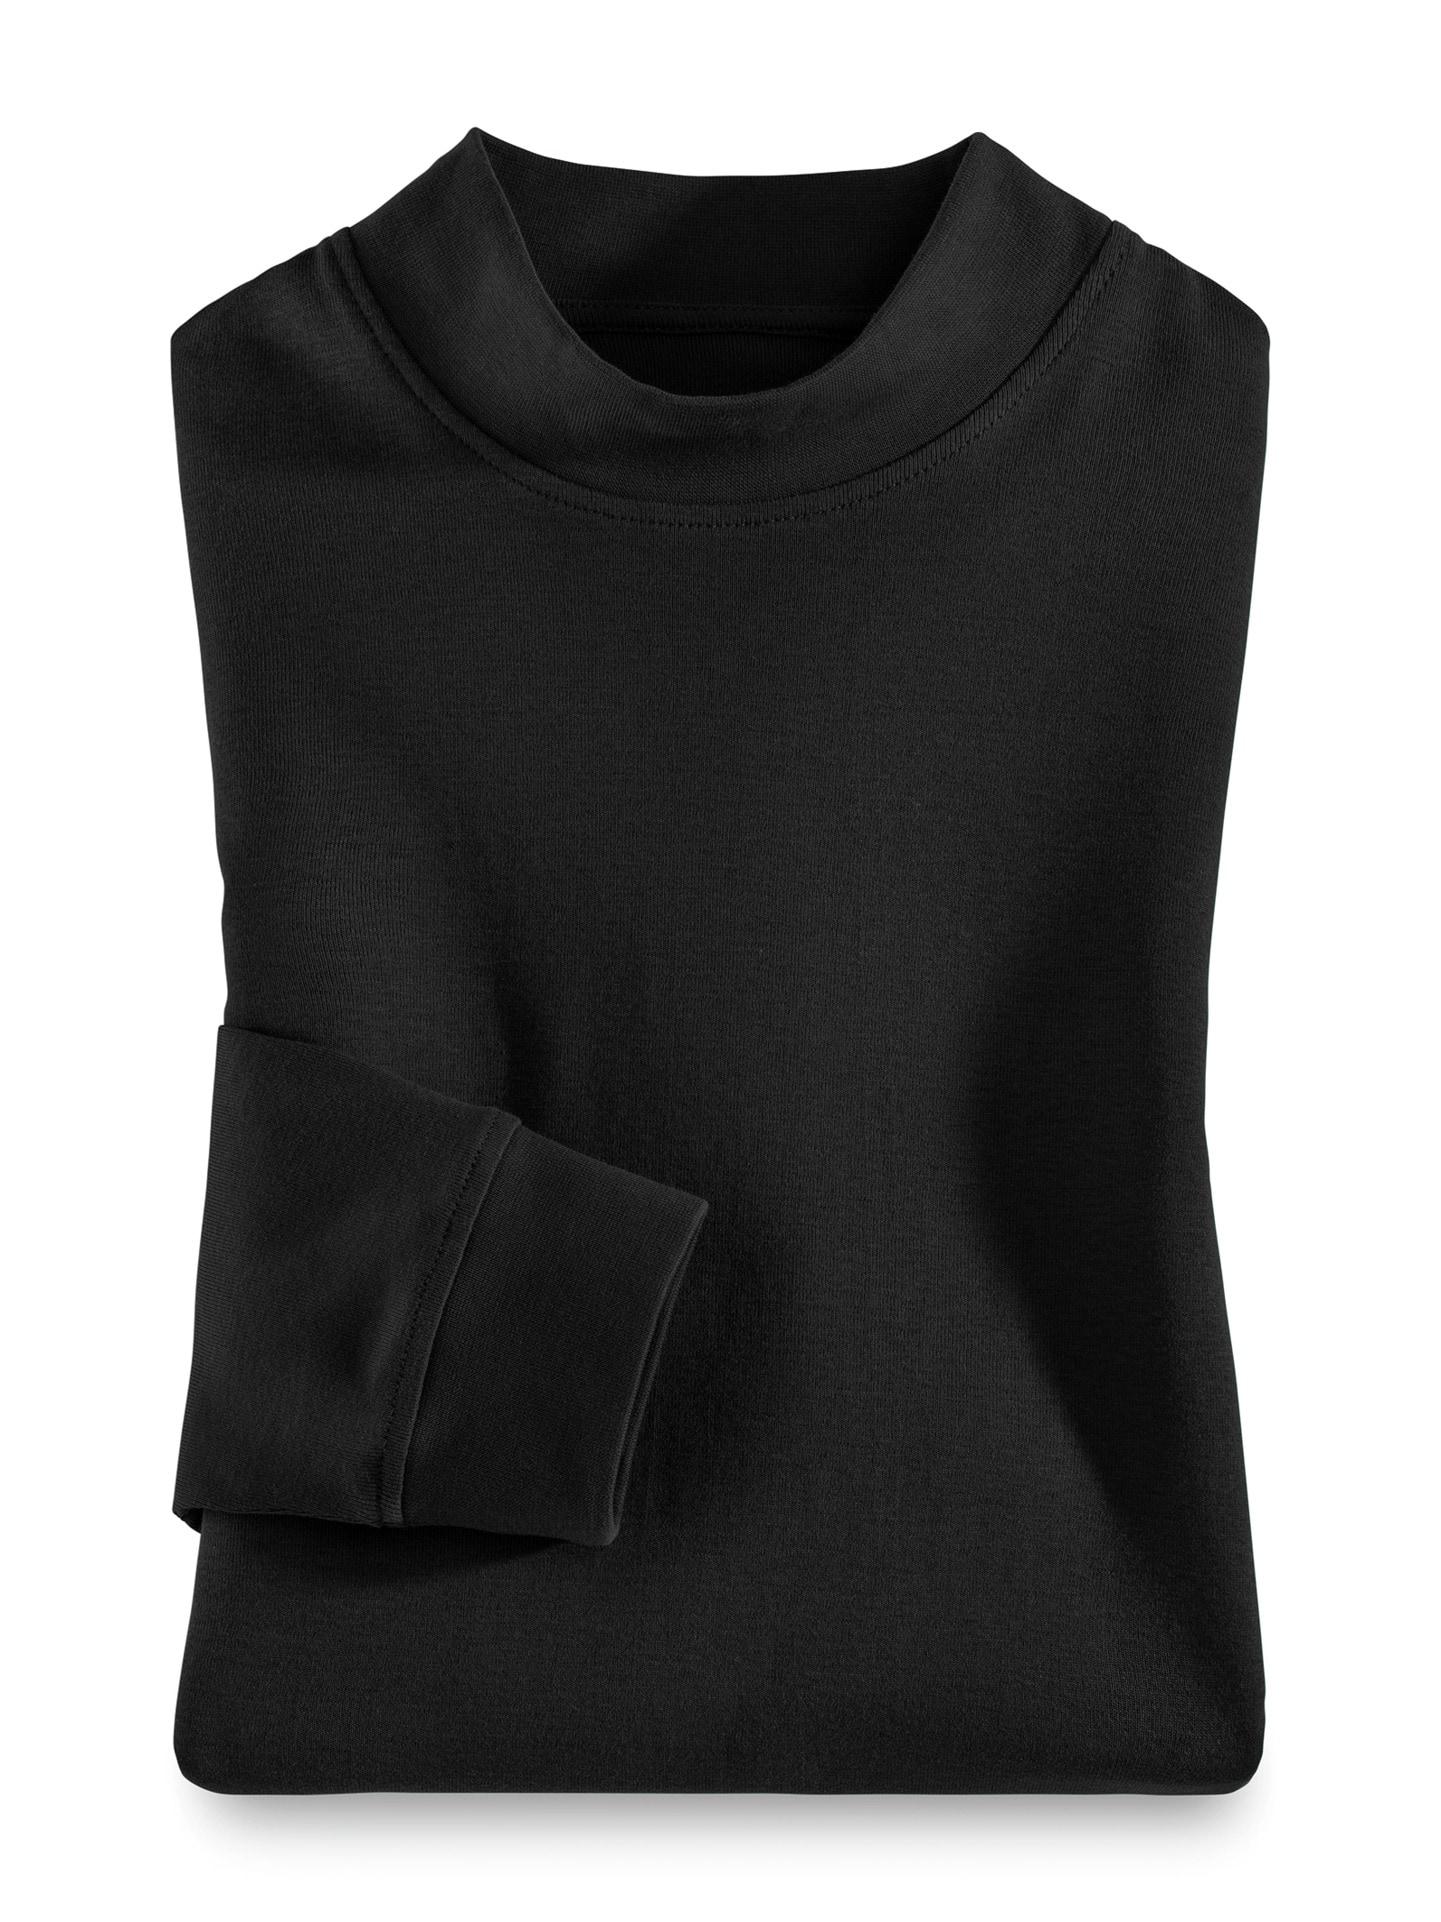 Artikel klicken und genauer betrachten! - Das Stehbund-Shirt macht sich solo genauso gut wie als Unterzug. Für den hochwertigen Jersey wurde extra langstapelige, supergekämmte Baumwolle verarbeitet. Das verleiht dem Stehbund-Shirt einen angenehm weichen Griff, Formstabilität und Farbbeständigkeit. Und da das Shirt enzymgewaschen ist, bilden sich keine unschönen Fusseln mehr! Zudem erhält es durch diese spezielle Wäsche einen dezenten Mattglanz. | im Online Shop kaufen